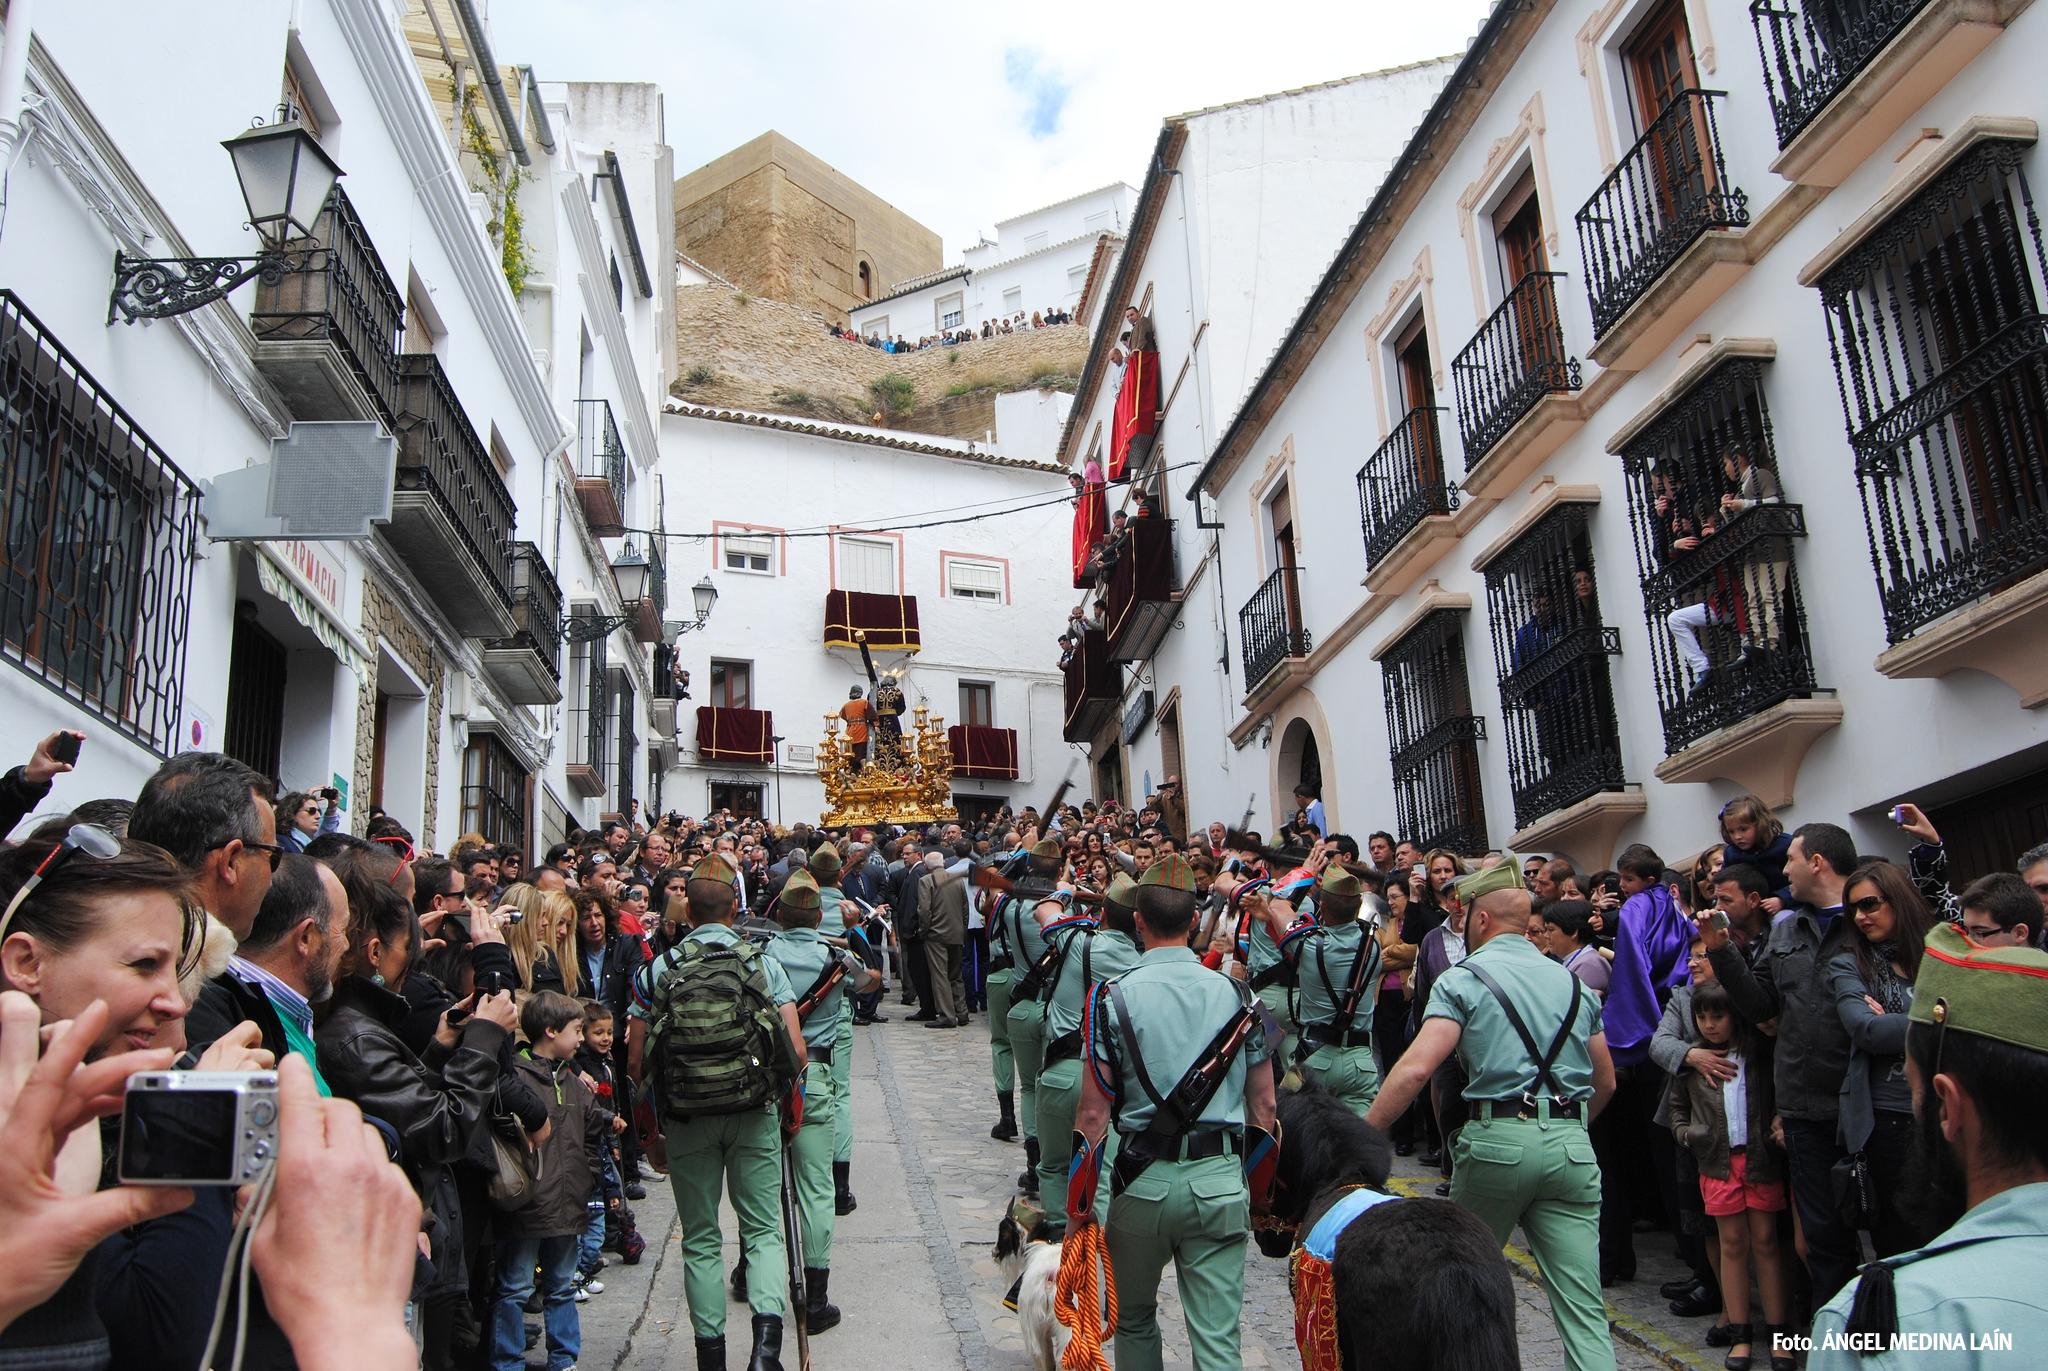 La procesión asciende la pronunciadísima cuesta de la Plaza de Andalucía, arropada por un público numeroso que valora el esfuerzo. Foto: ÁNGEL MEDINA LAÍN